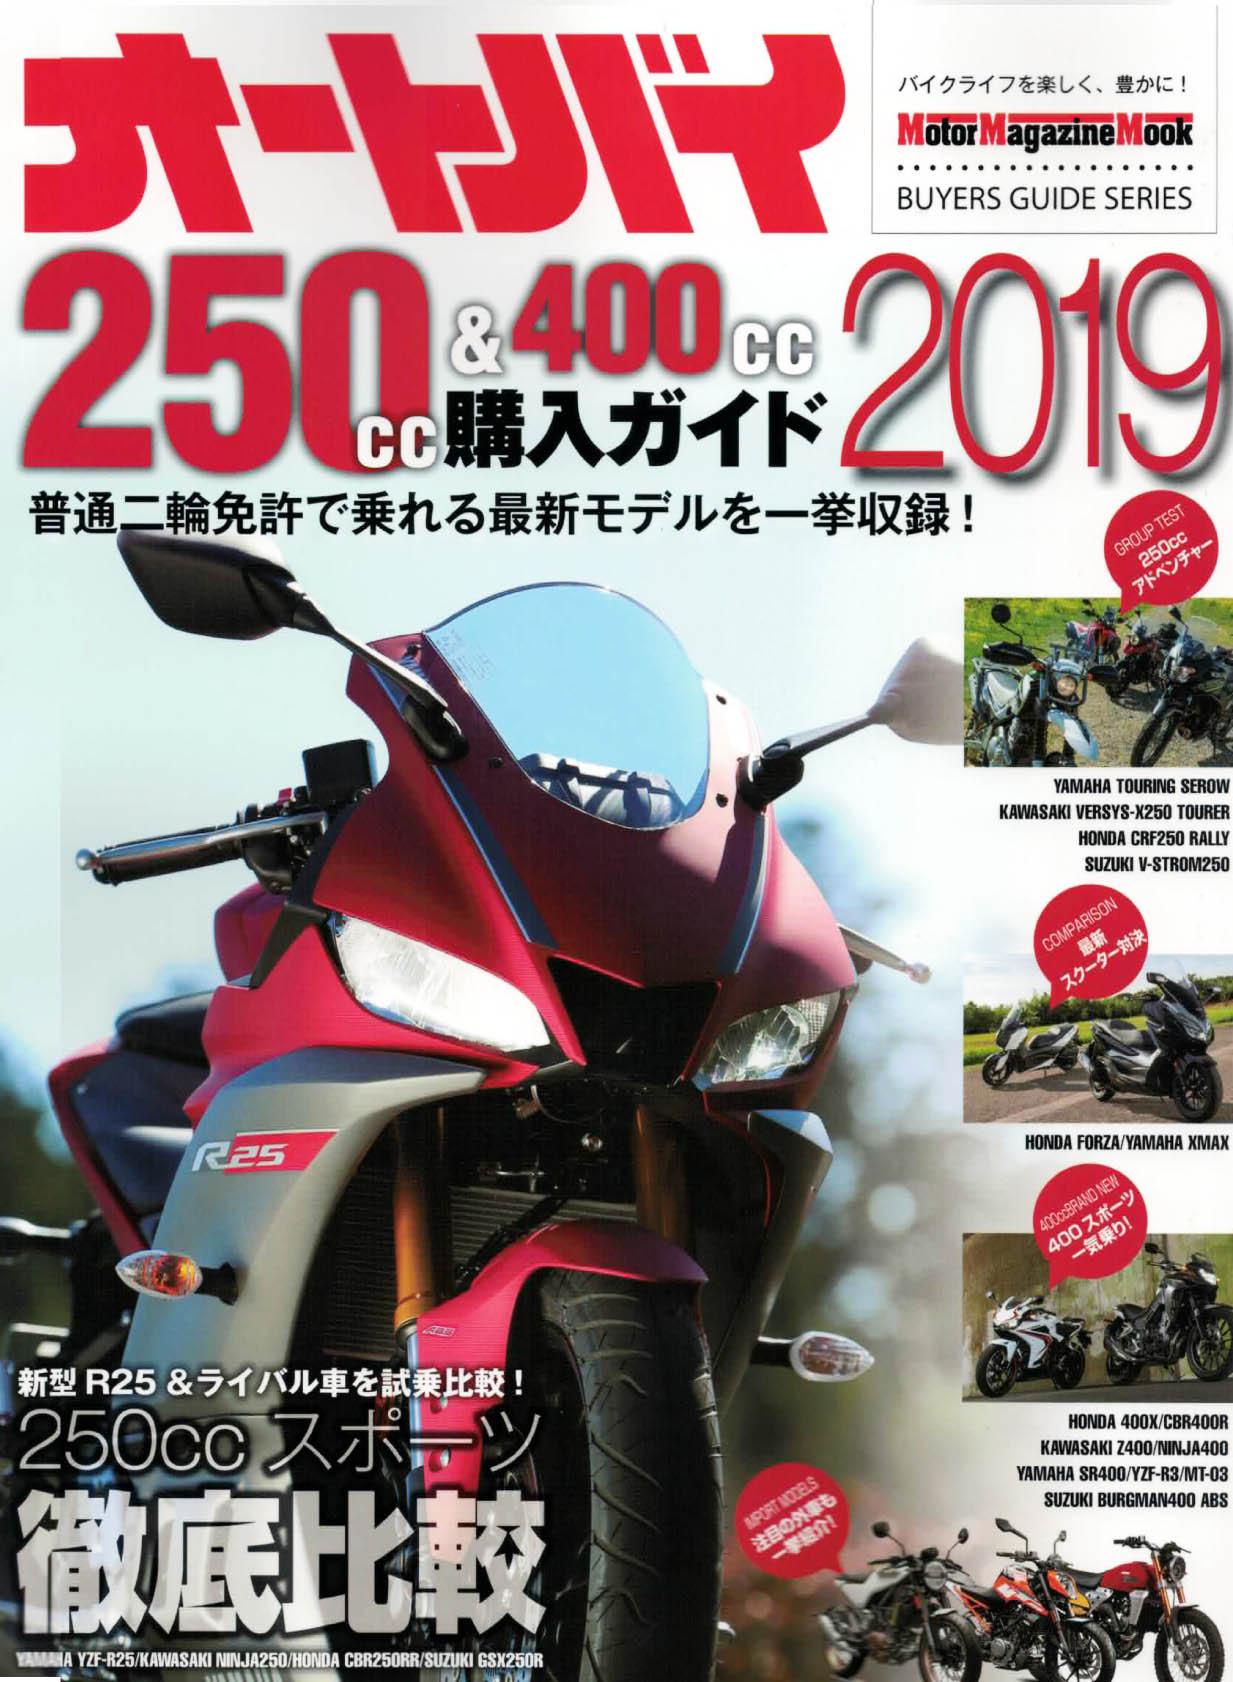 【オートバイ250cc&400cc購入ガイド2019掲載】CABALLERO SCRAMBLER250、CABALLERO FLAT TRACK250、Lambretta V200Special